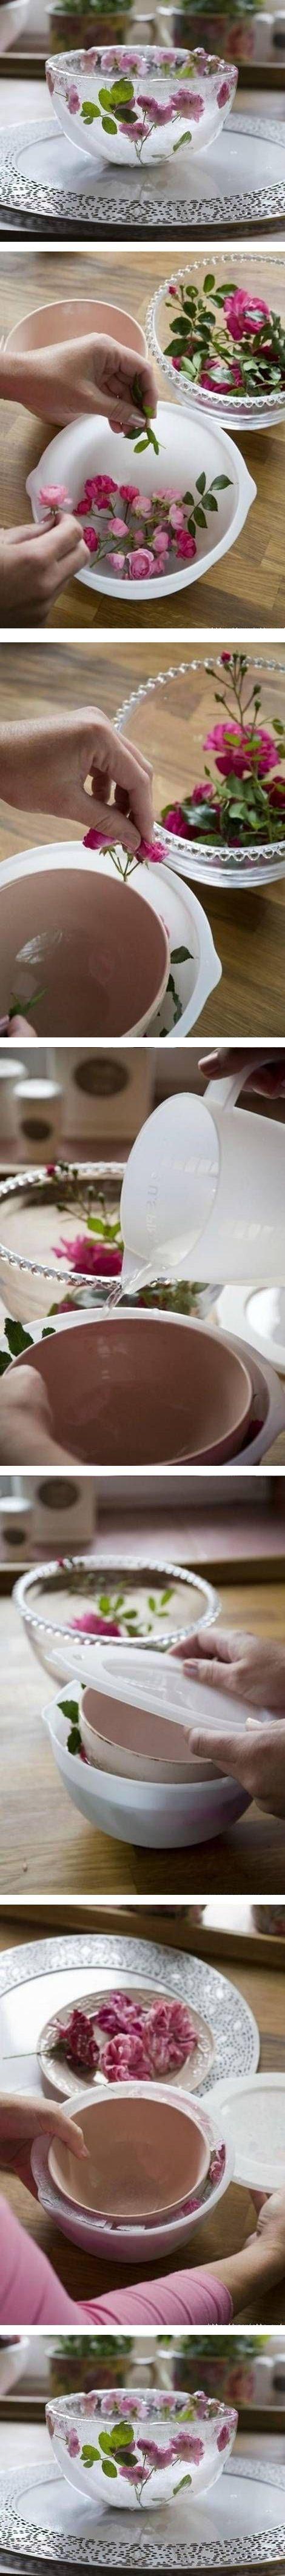 #DIY Flower Bowl